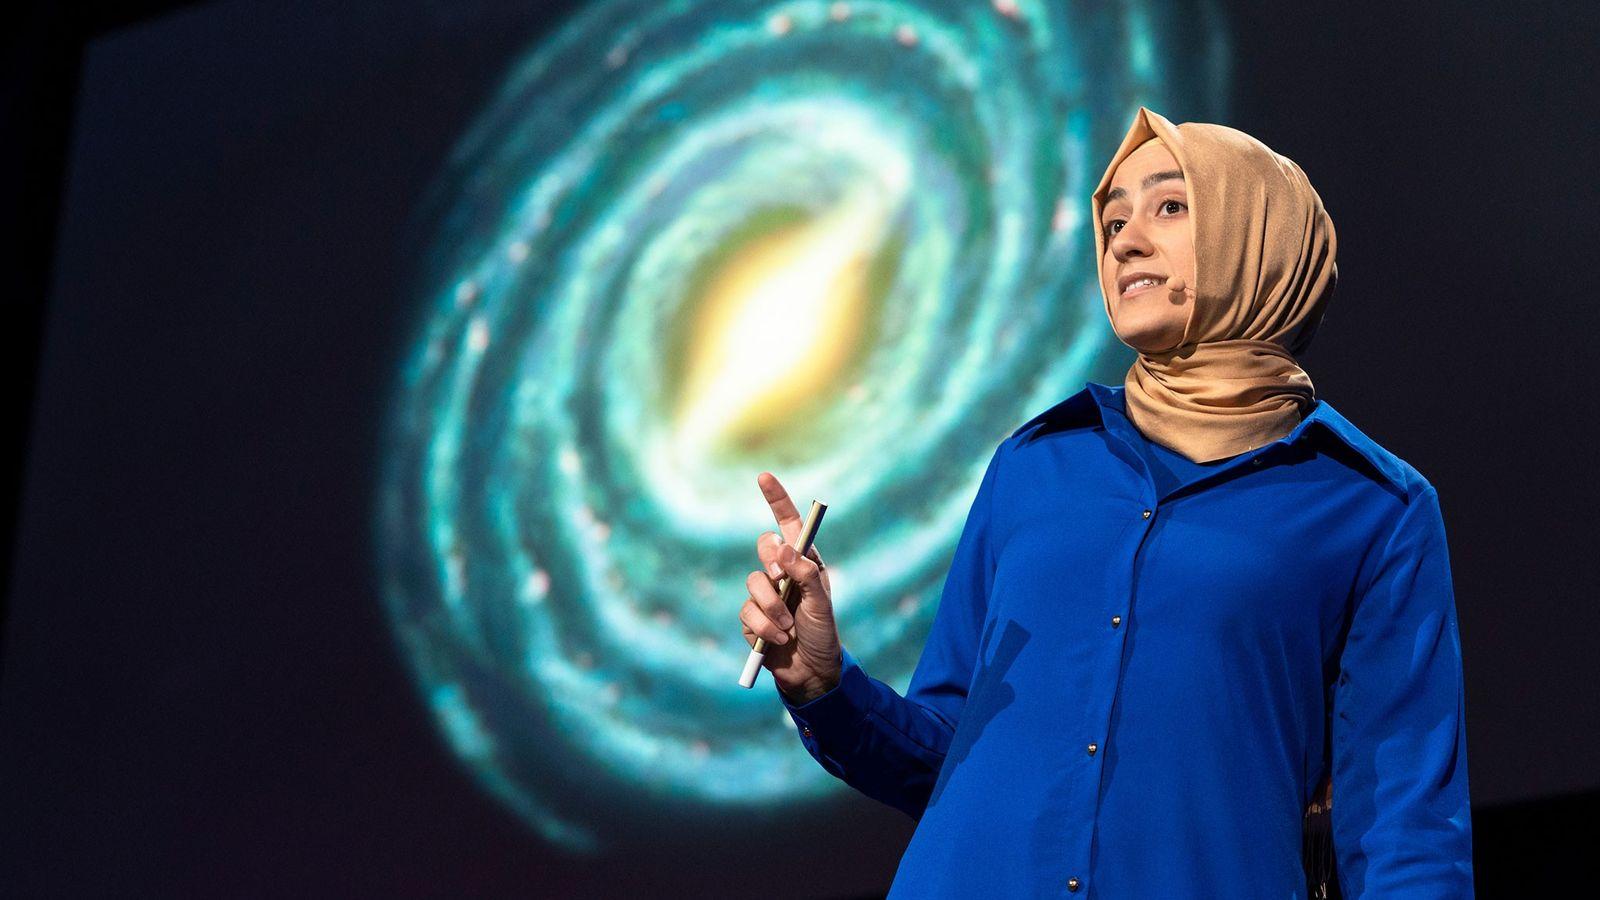 Die Astrophysikerin Burçin Mutlu-Pakdil hielt im Rahmen des TED2018-Events im kanadischen Vancouver einen Vortrag.